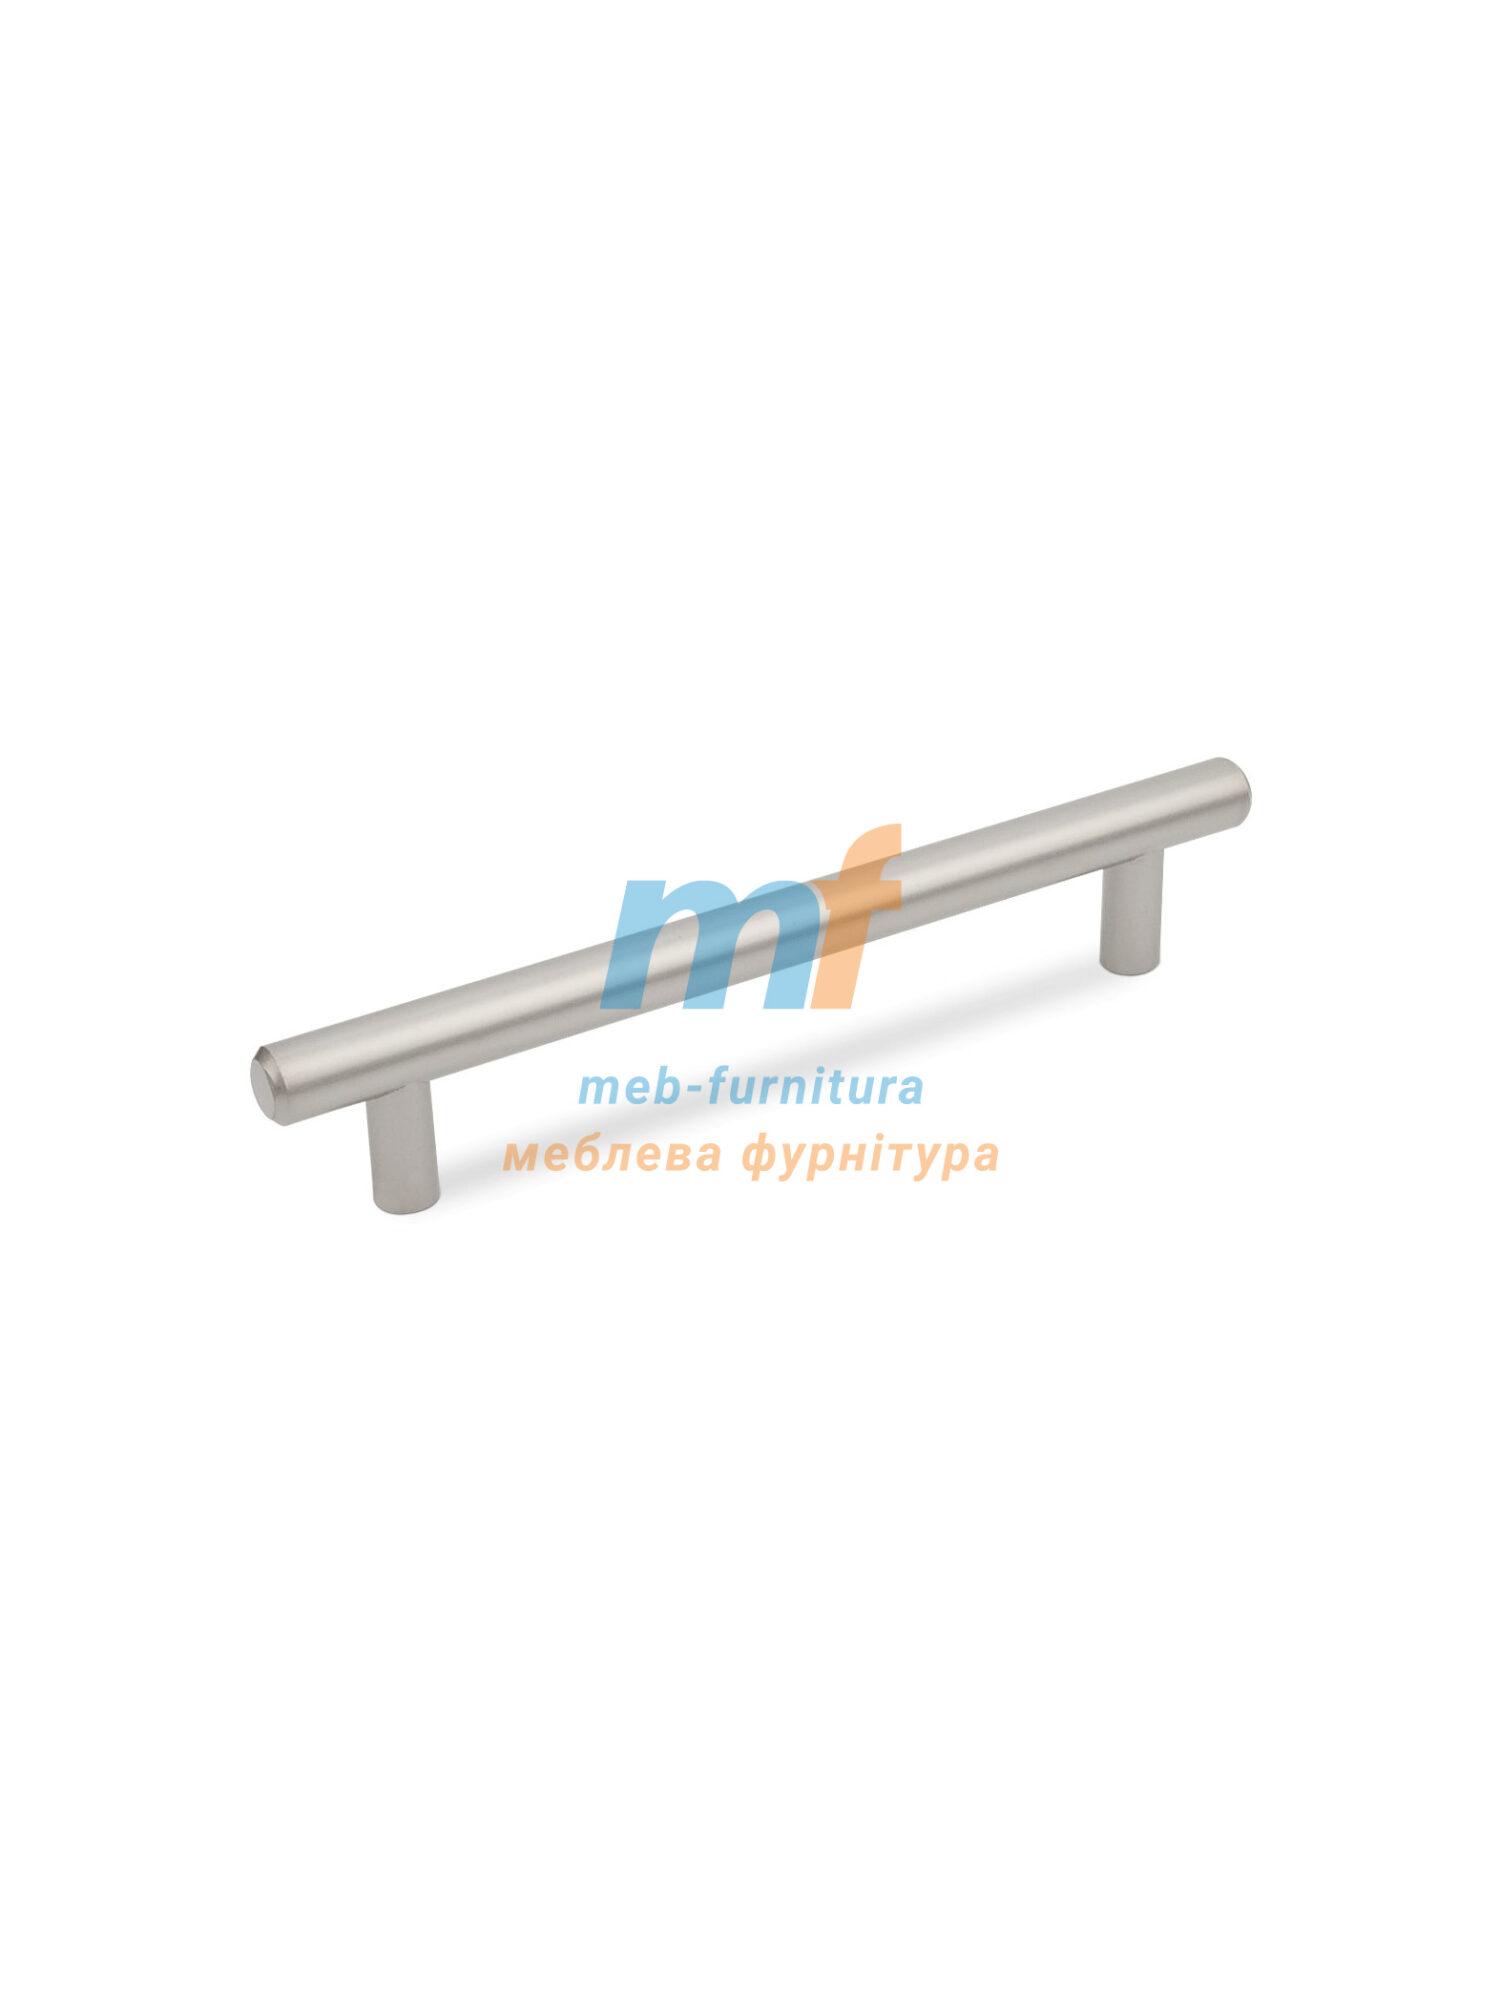 Ручка мебельная релинг 512мм - сатин